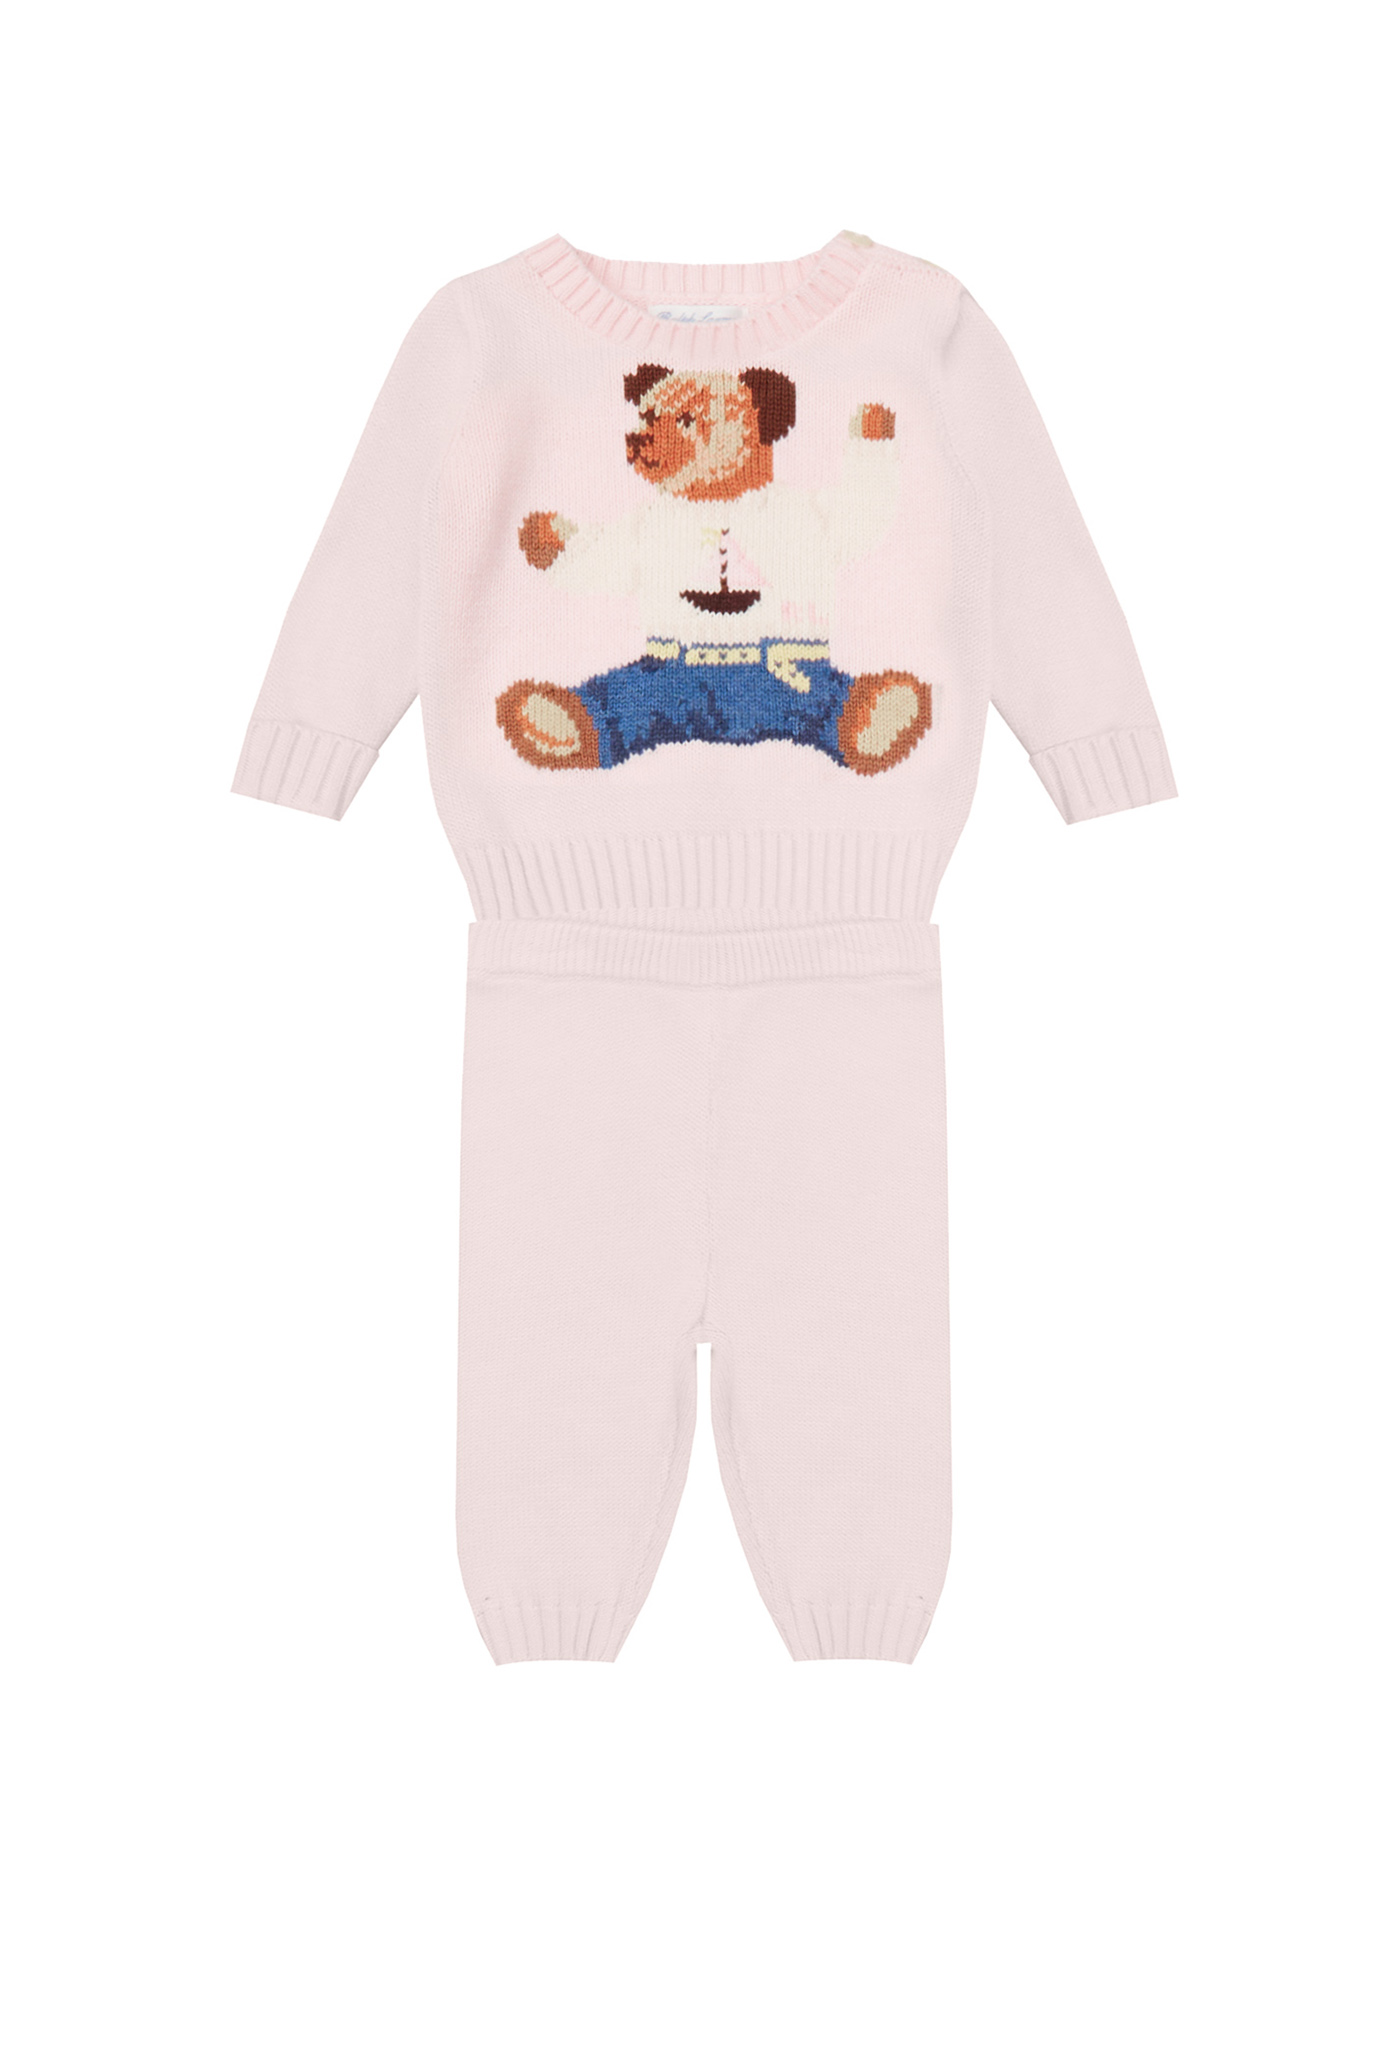 Дитячий рожевий комплект одягу (светр, брюки) 1